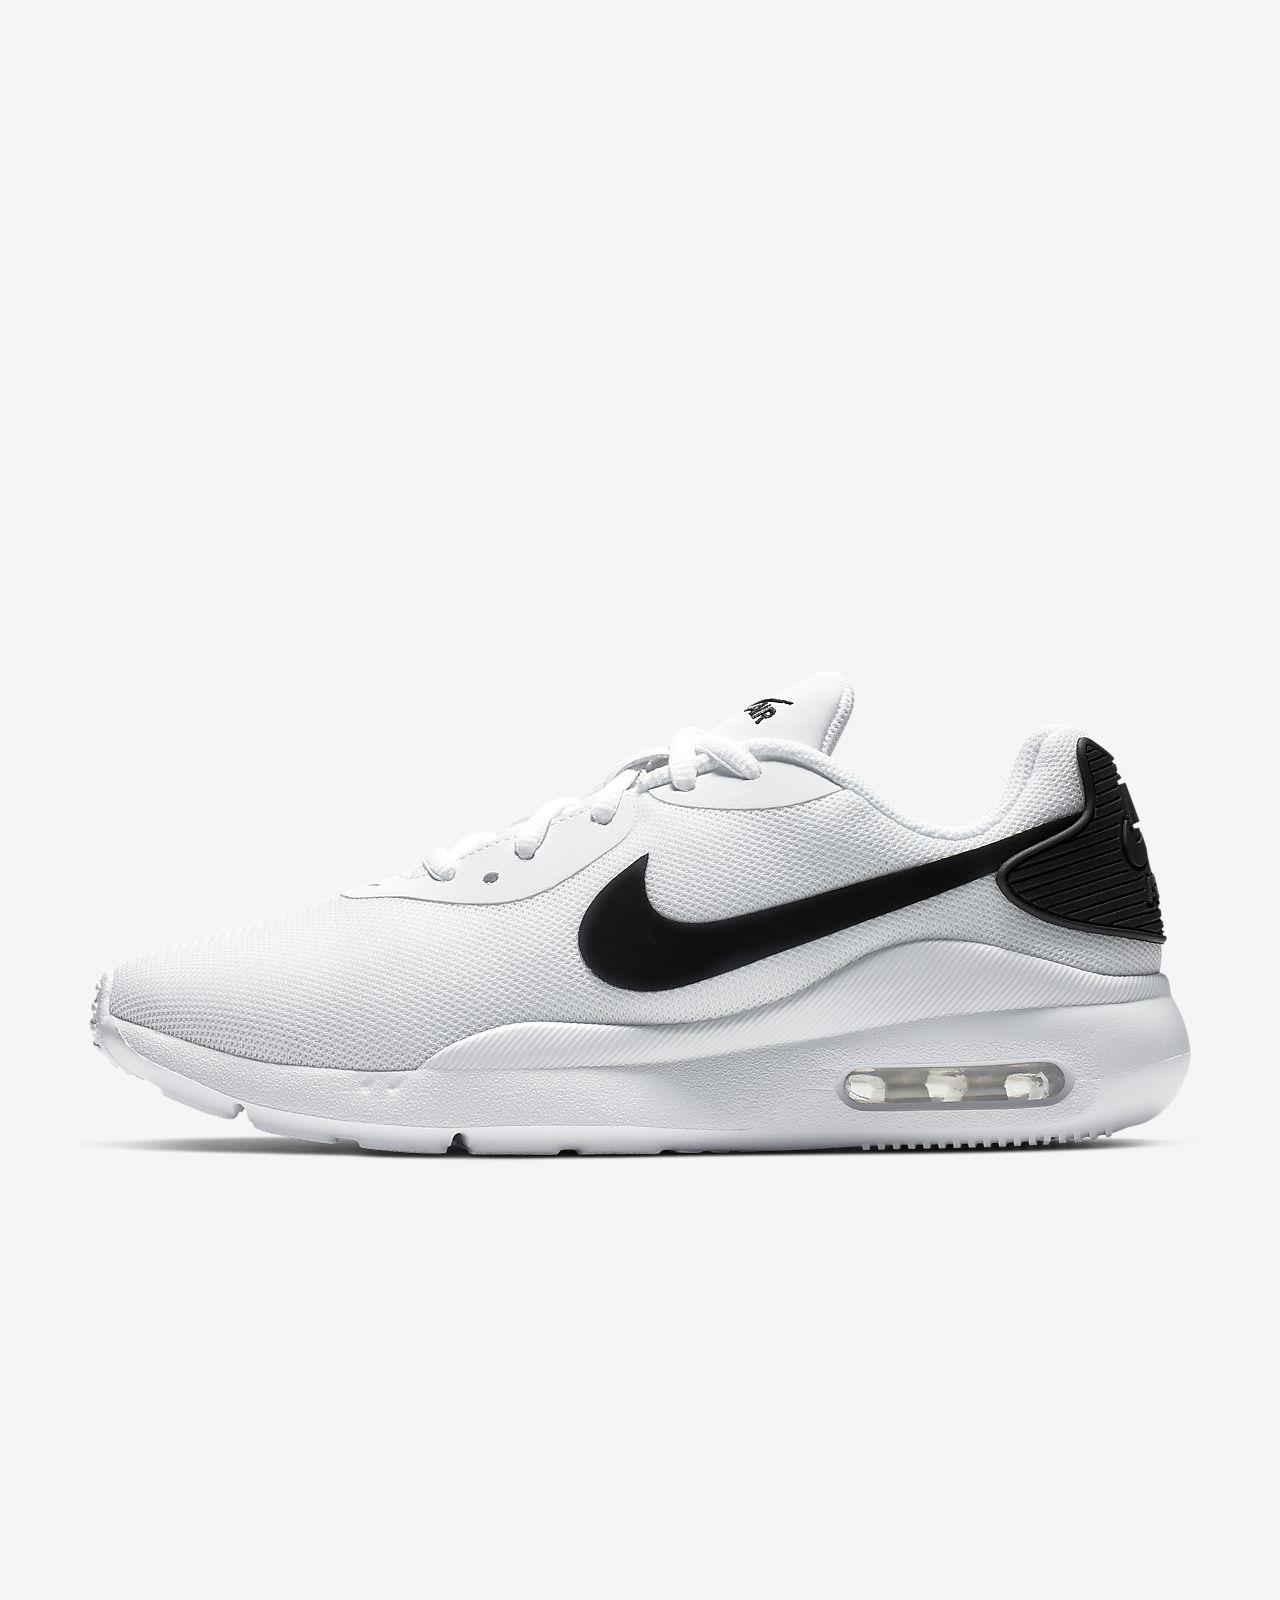 Nike Air Max Oketo 女子运动鞋